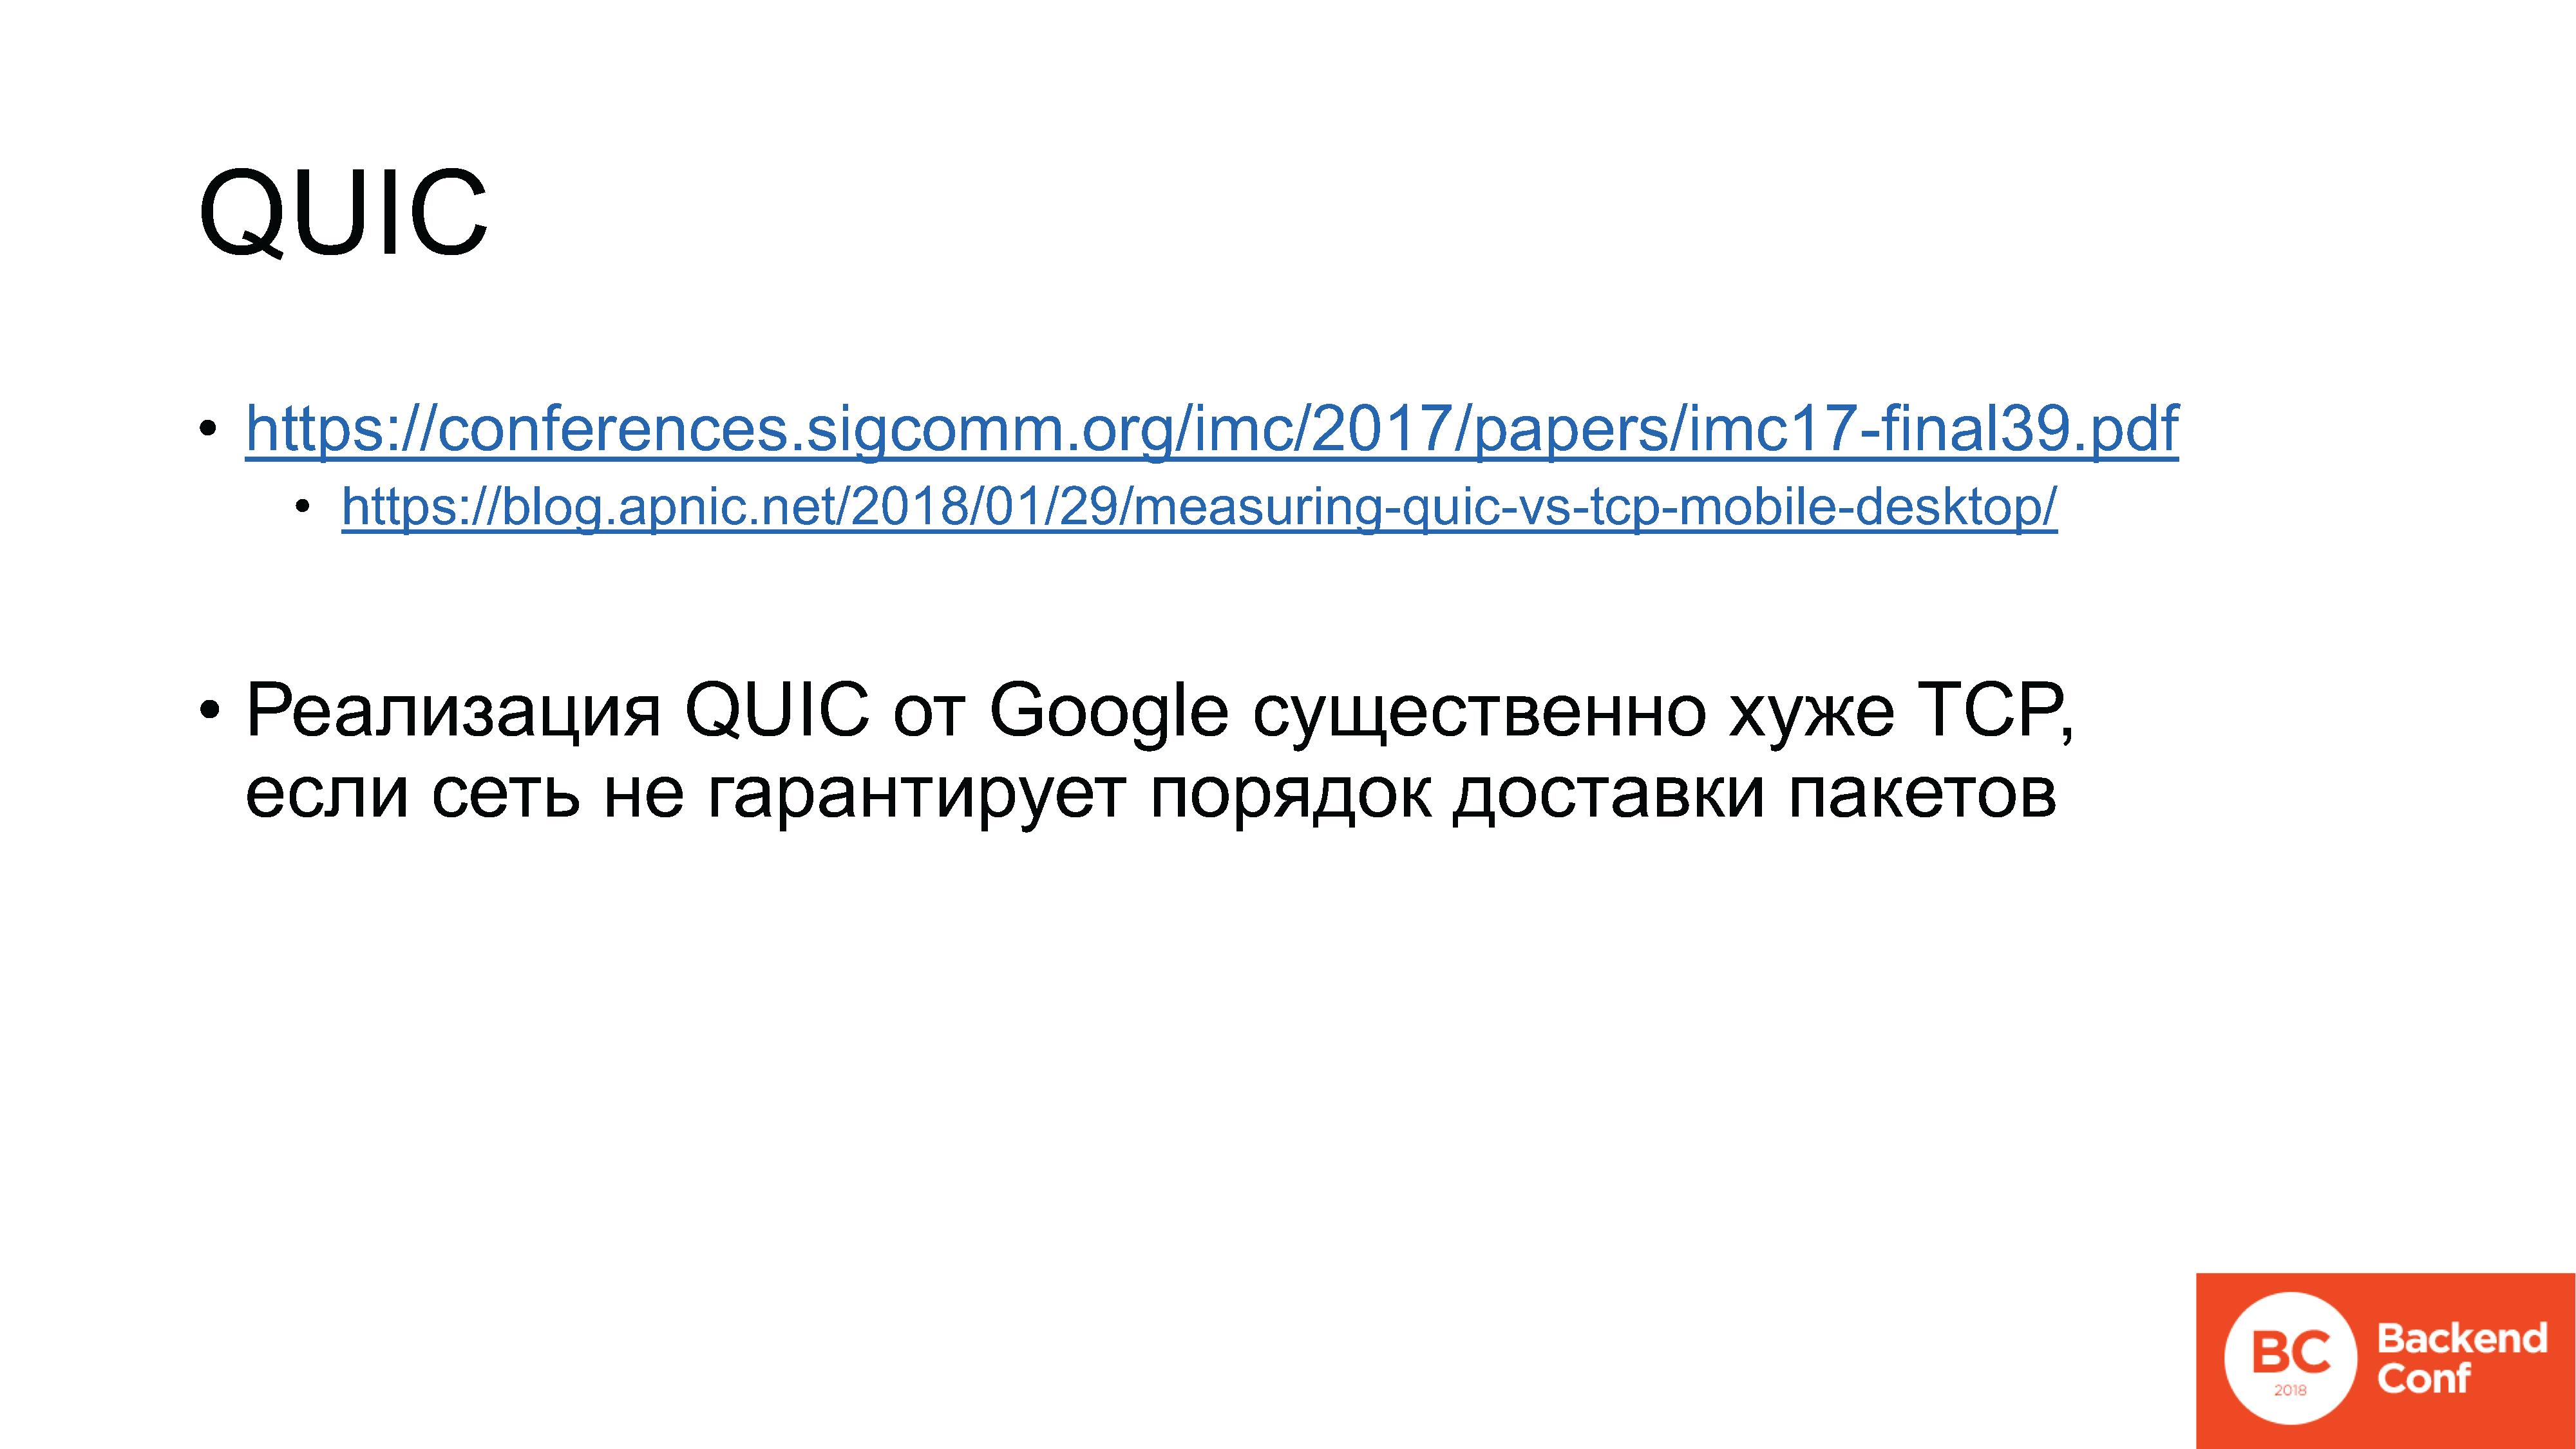 QUIC, TLS 1.3, DNS-over-HTTPS, далее везде - 18